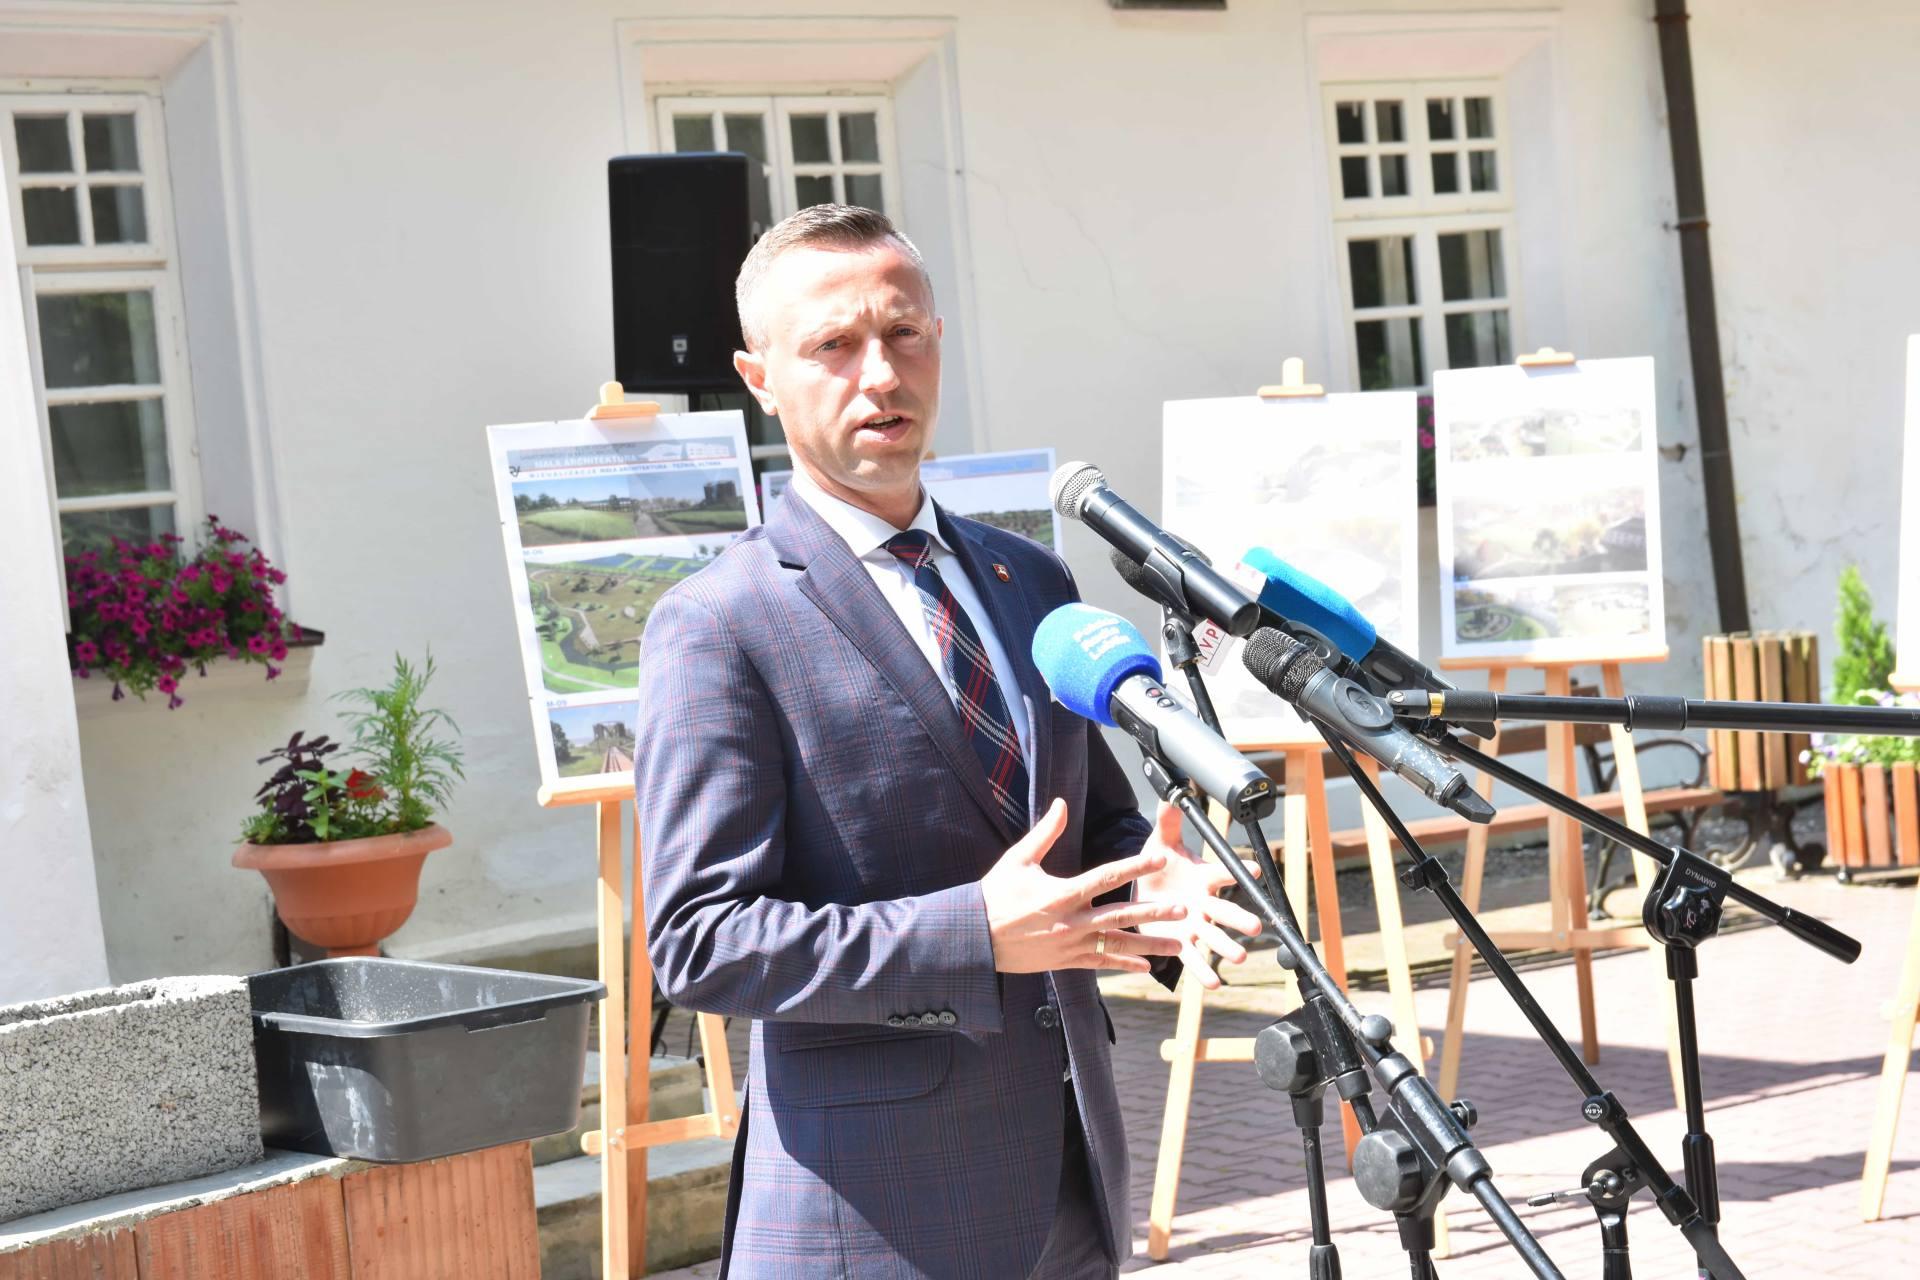 dsc 7551 Za 80 mln zł rozbudowane zostanie sanatorium w Krasnobrodzie.